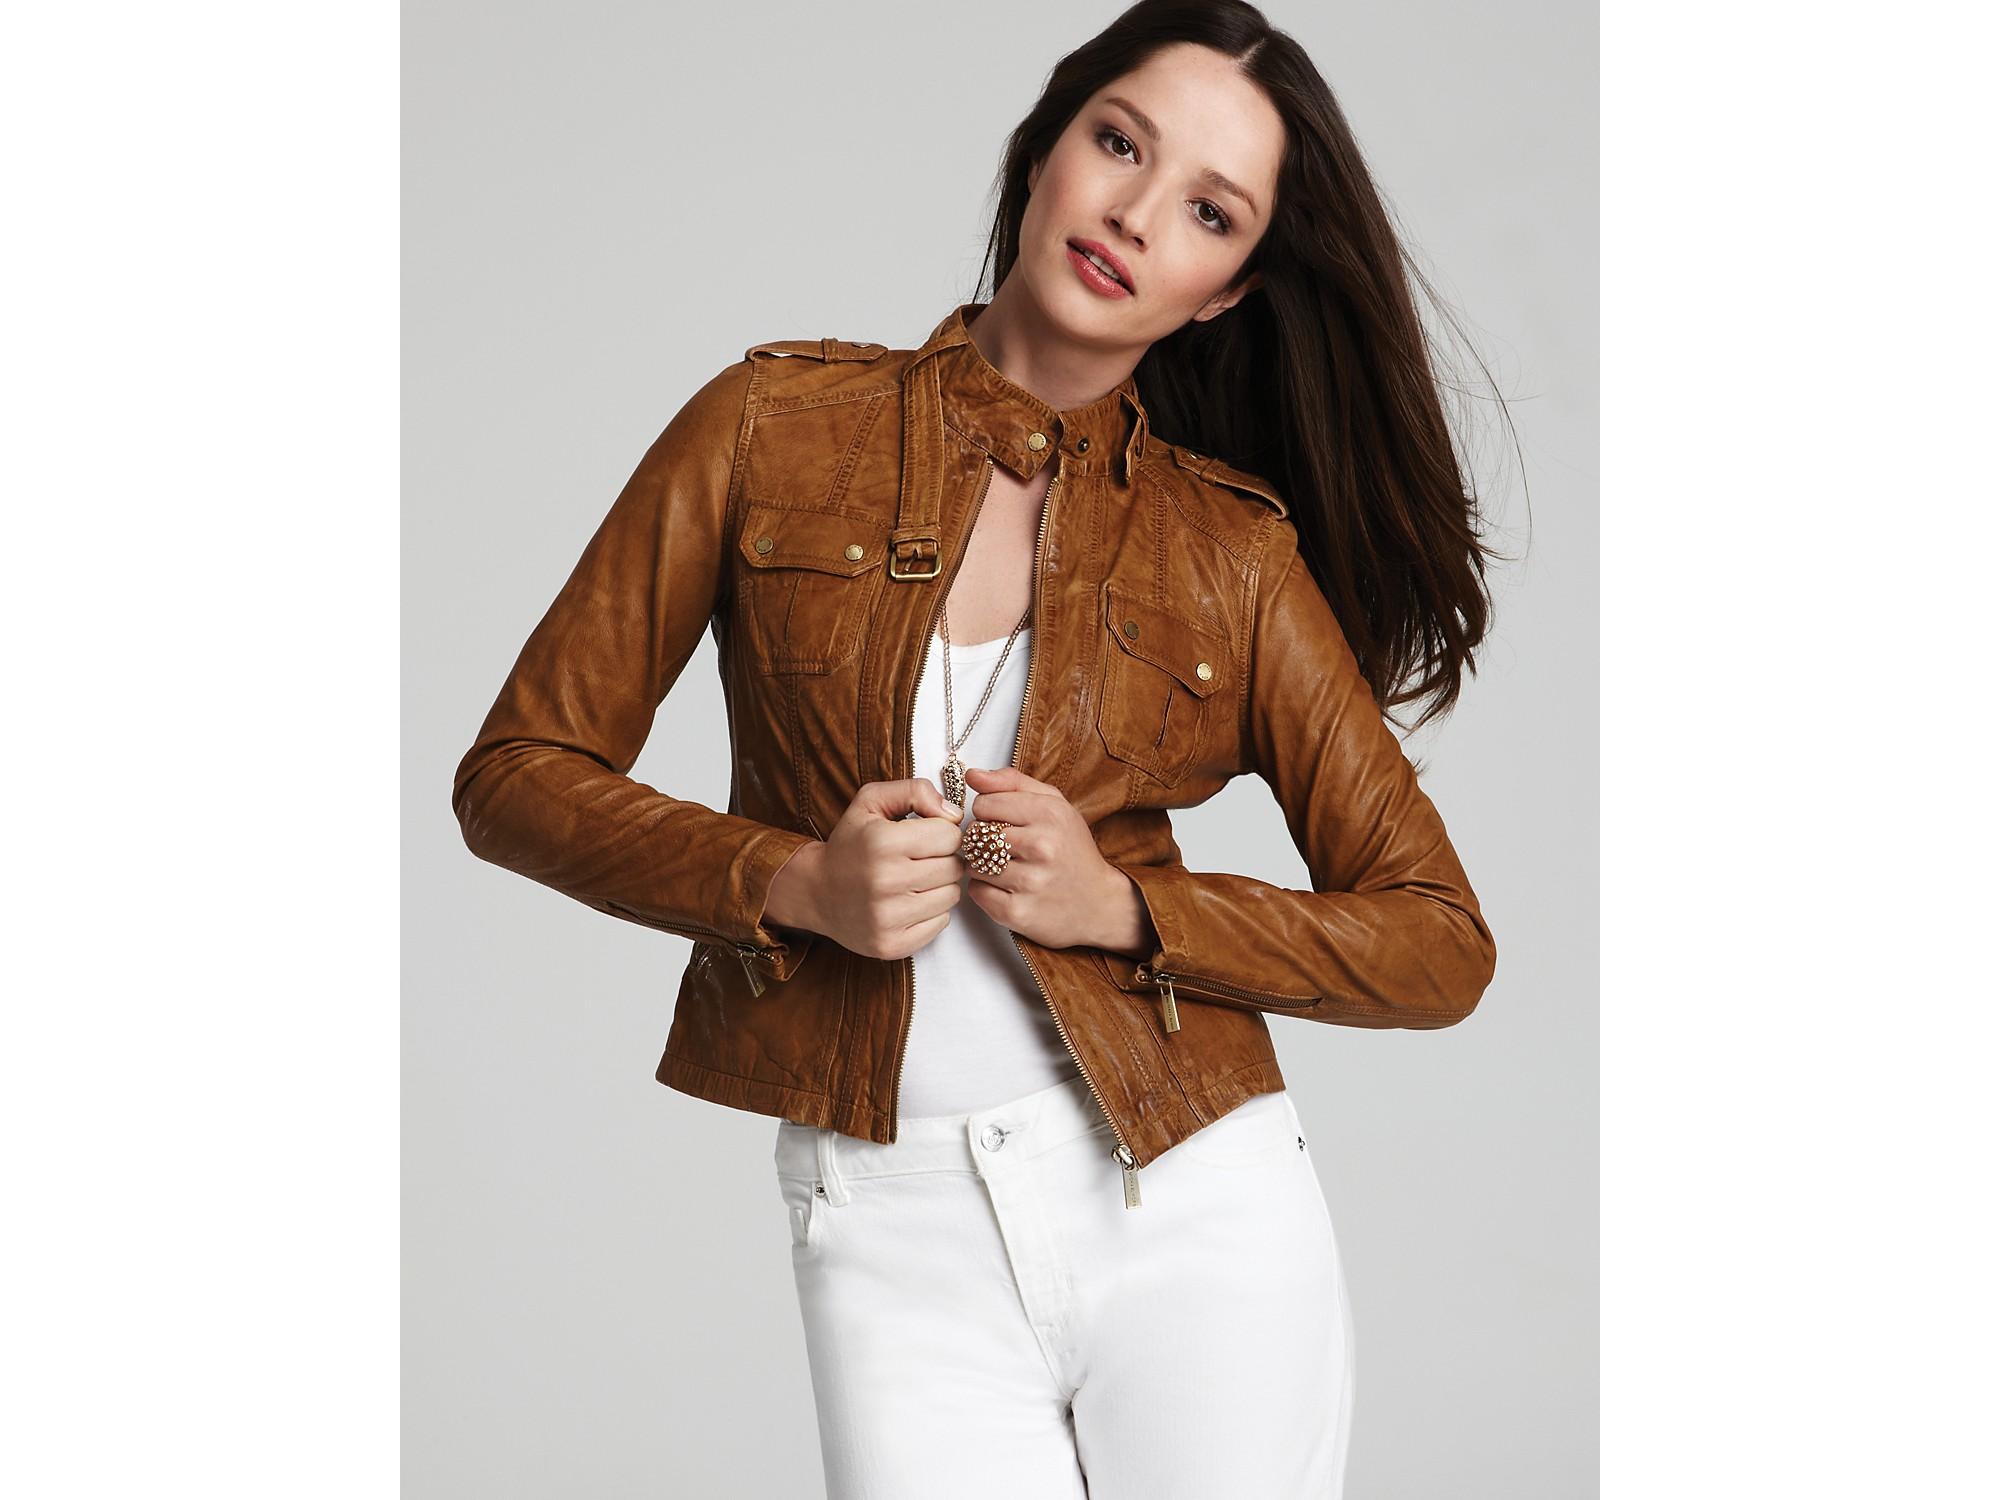 michael kors moto patch pocket leather jacket in brown dark camel lyst. Black Bedroom Furniture Sets. Home Design Ideas